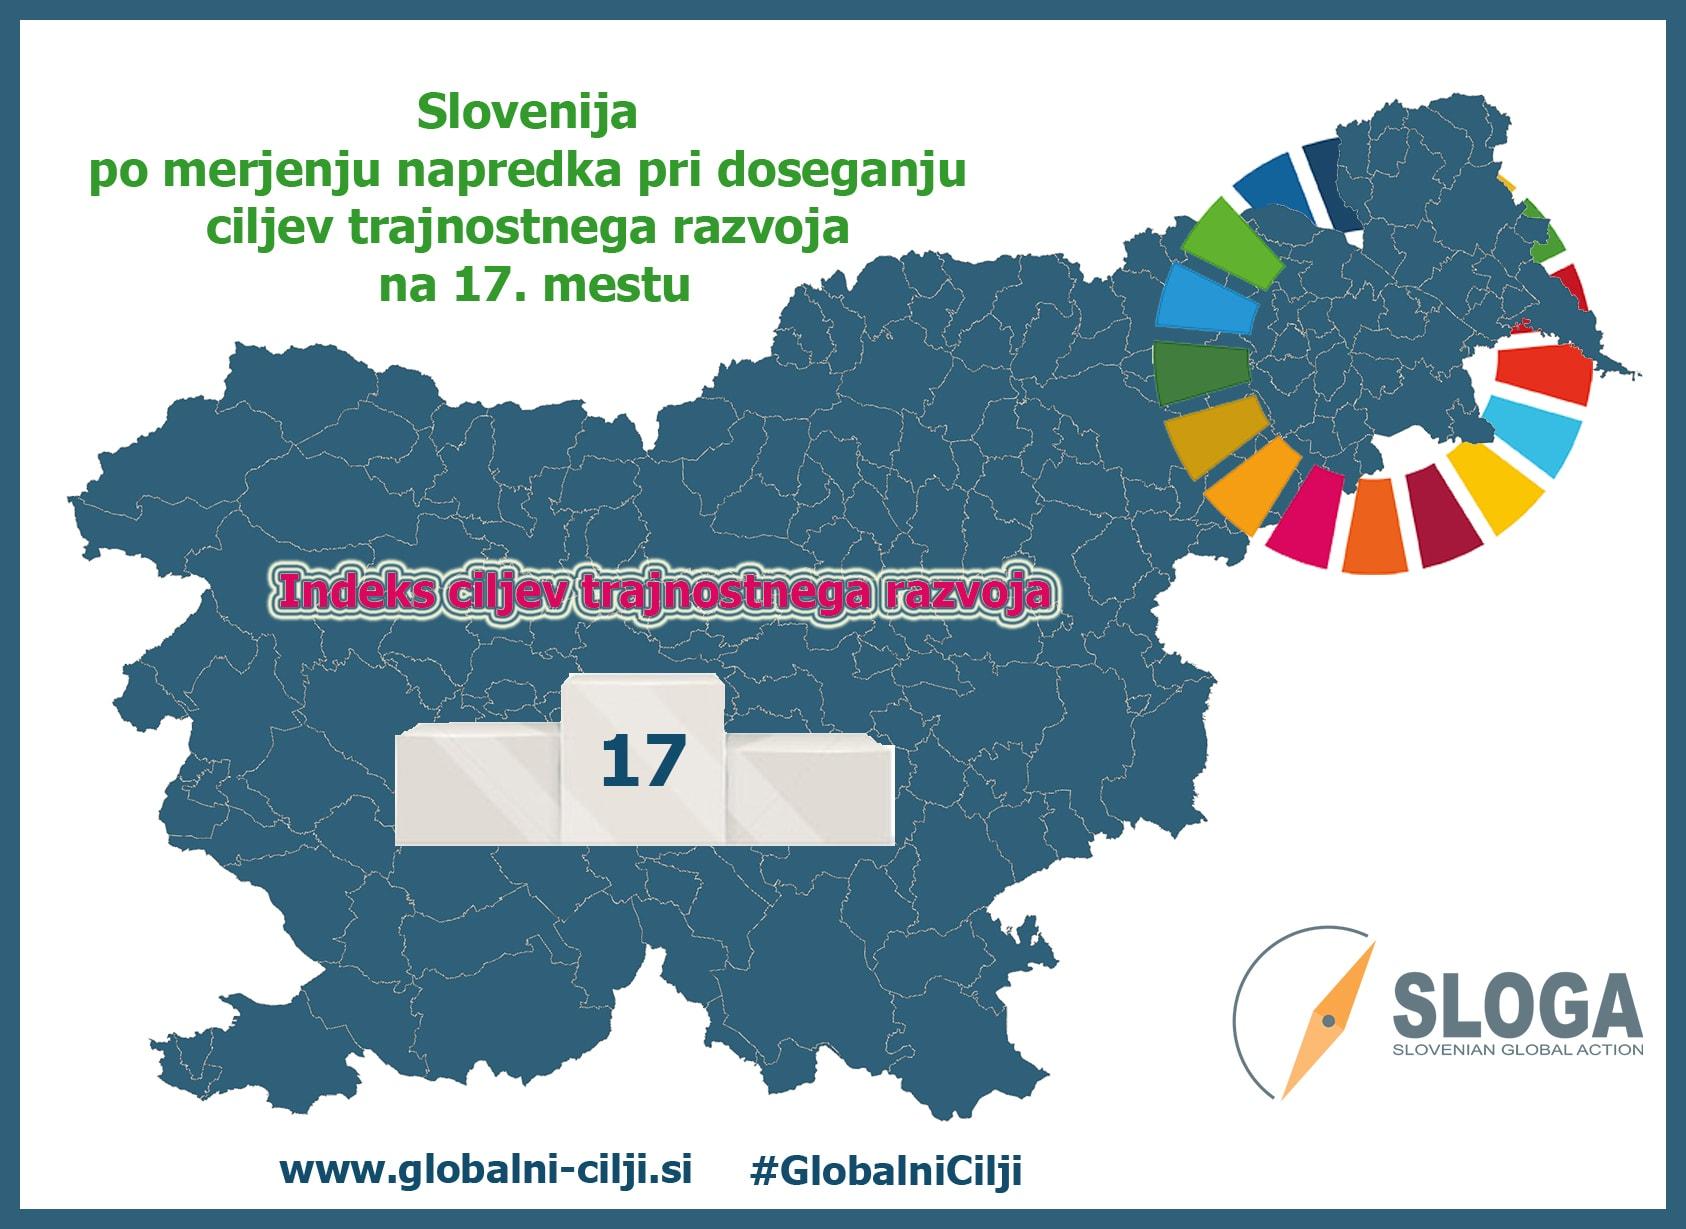 Slovenija pri doseganju ciljev trajnostnega razvoja na 17. mestu